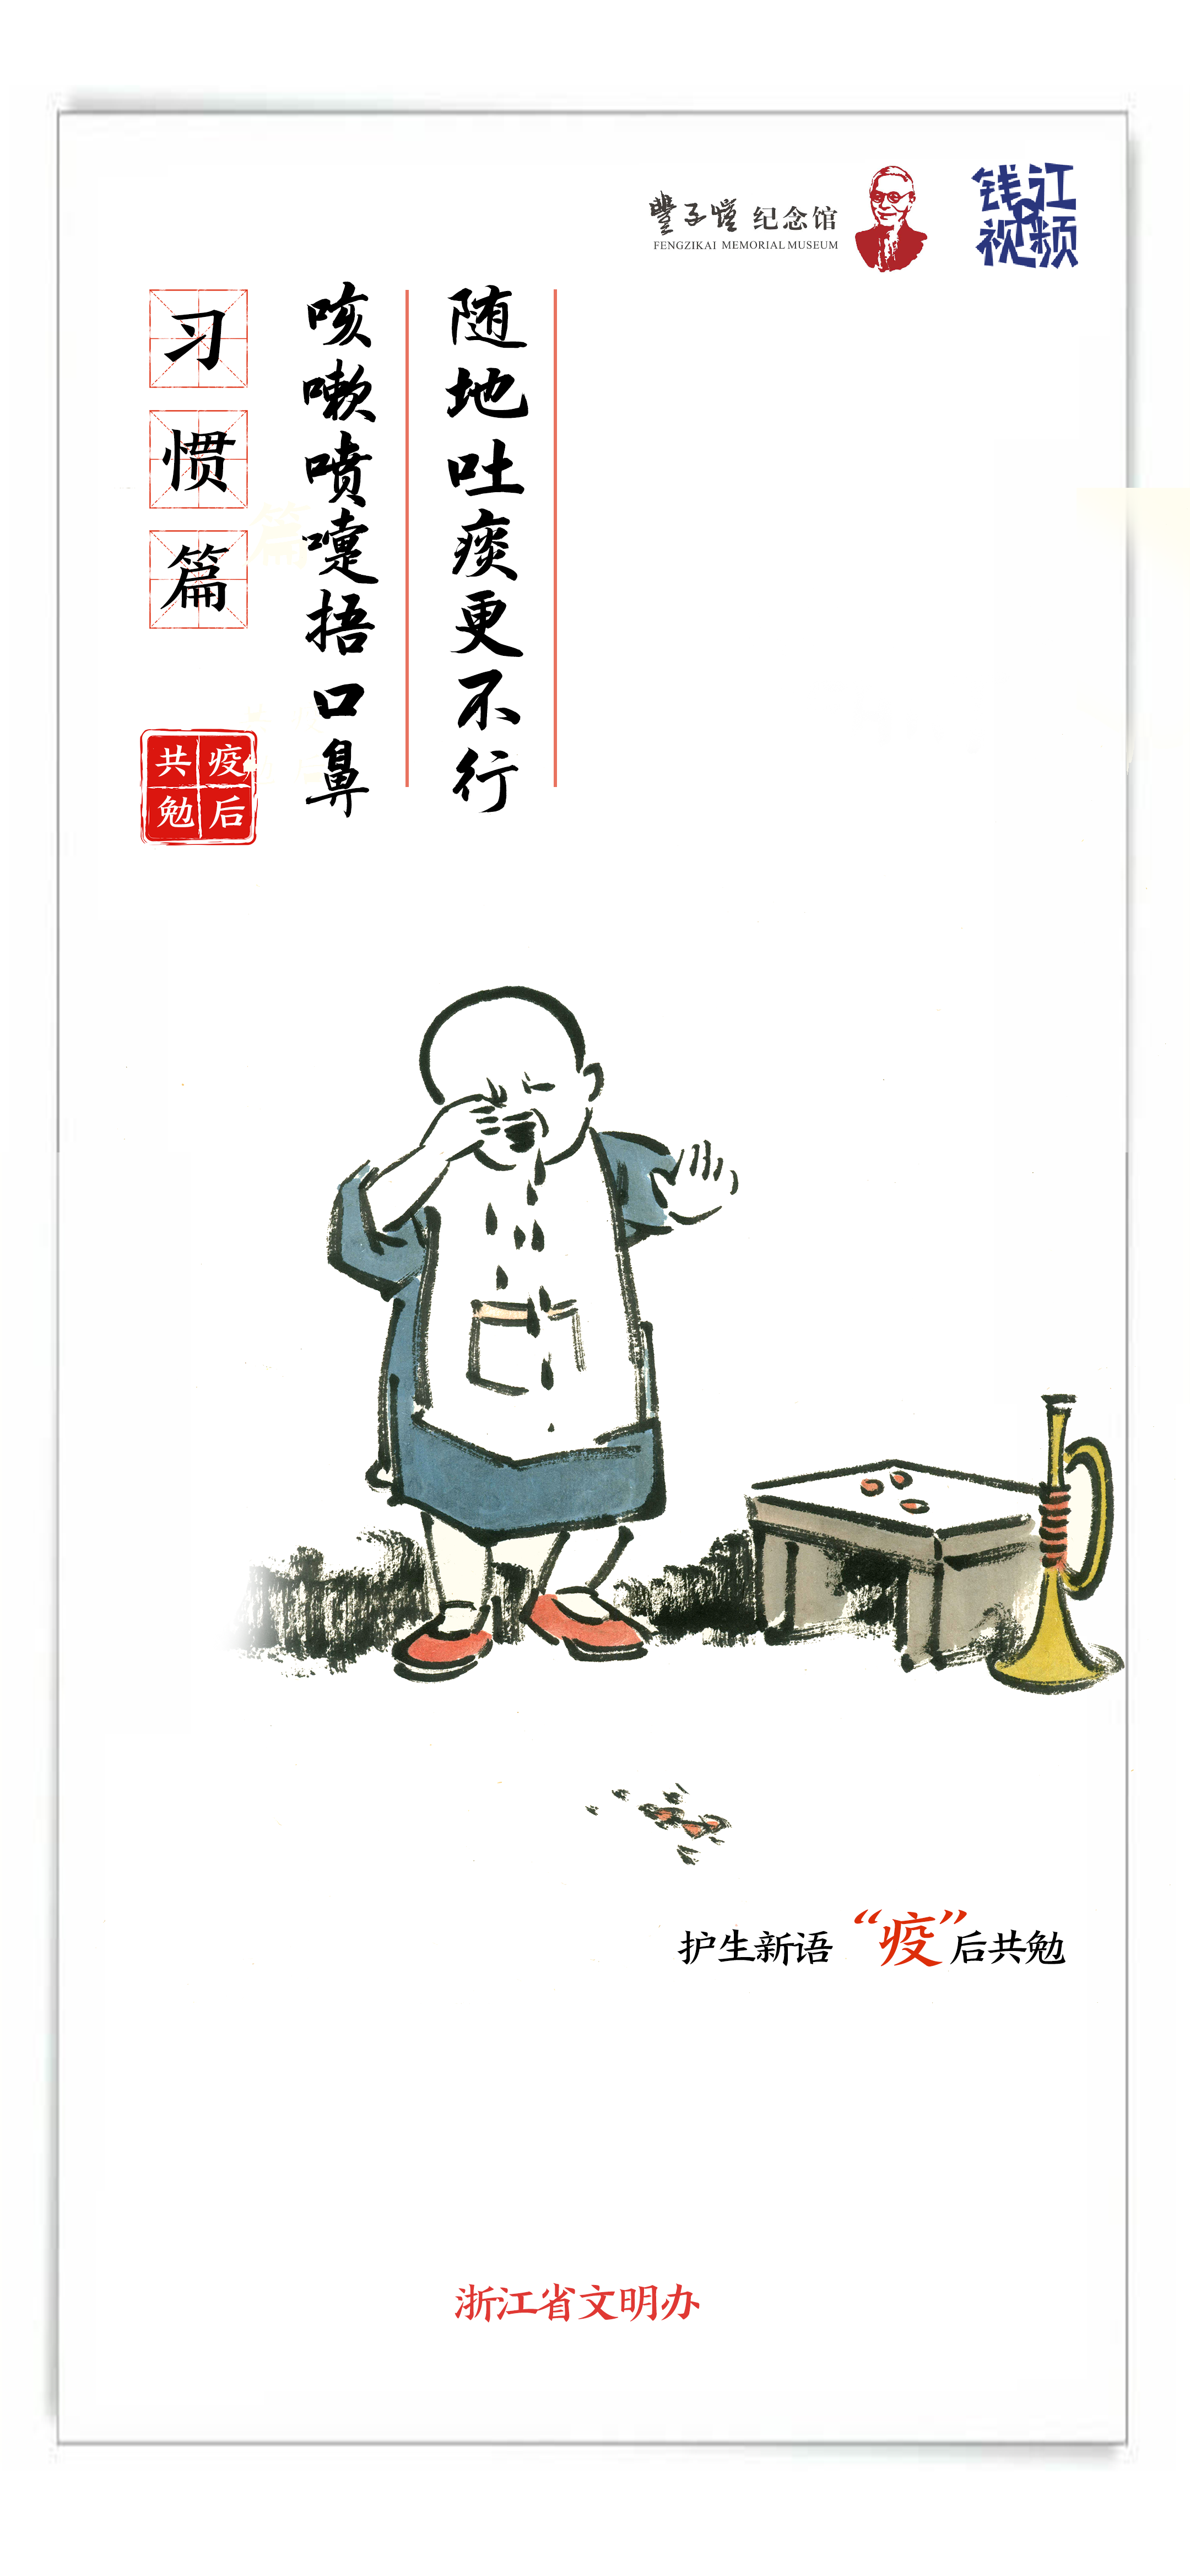 钱江视频-丰子恺主题抗疫公益广告05